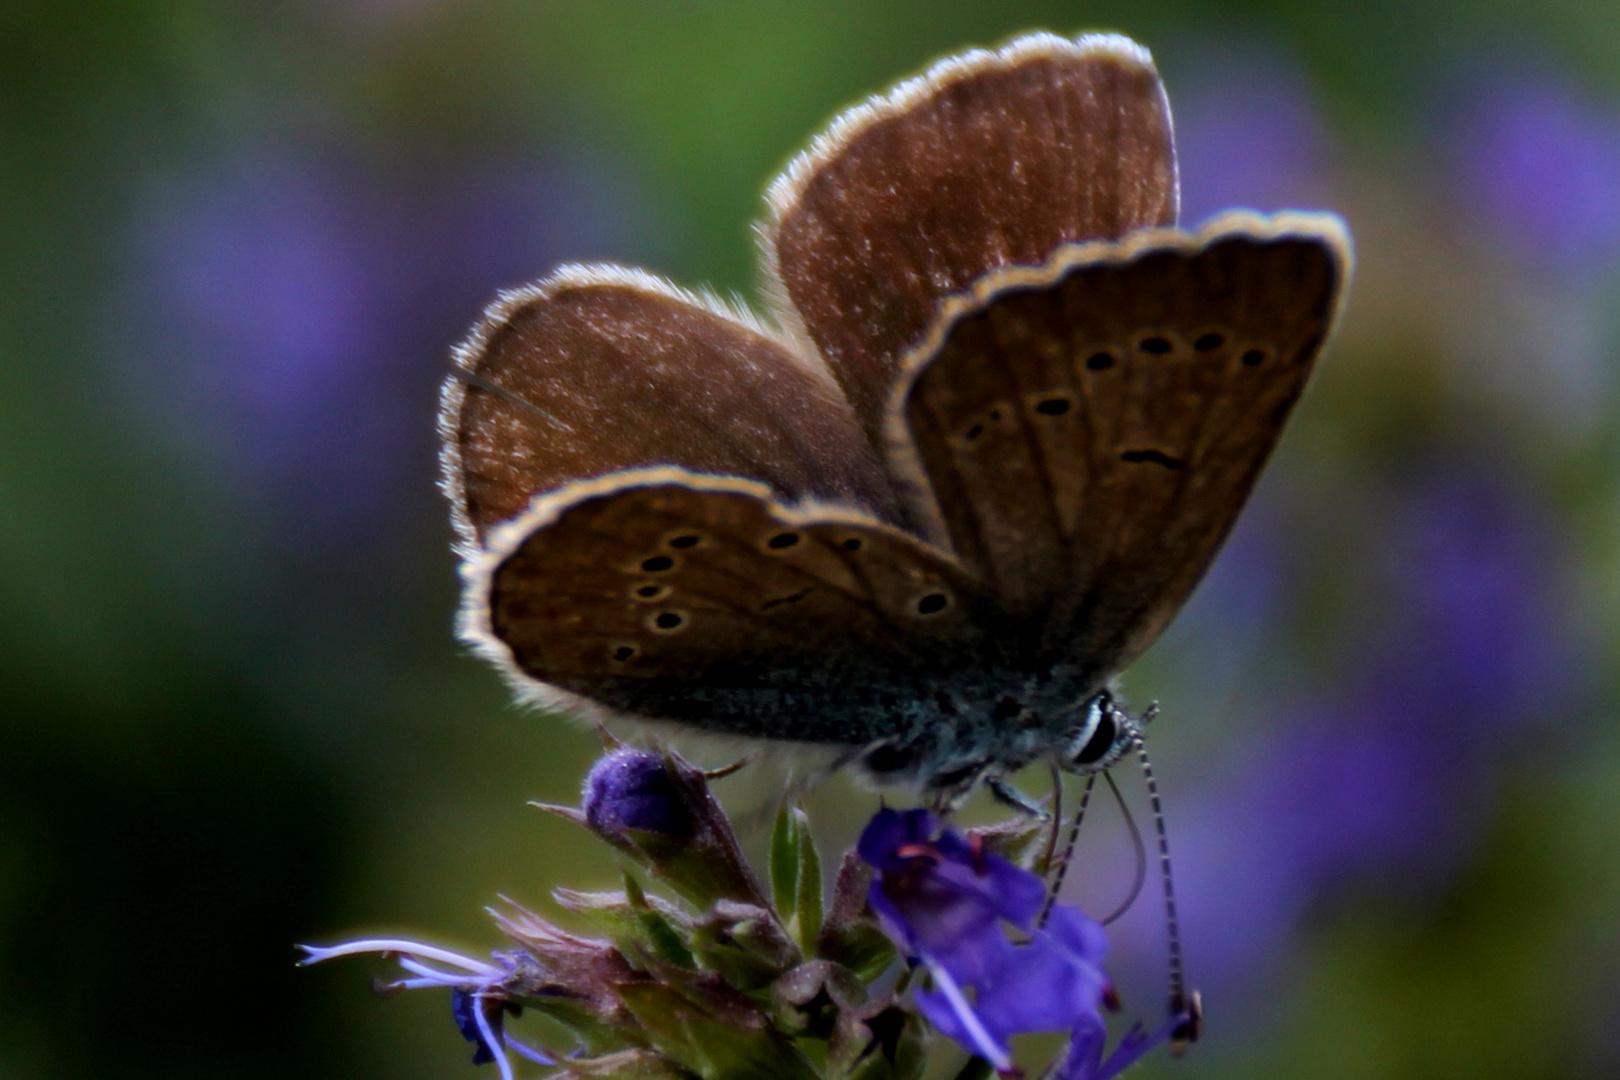 Ameisenbläuling - Heller Wiesenknopf